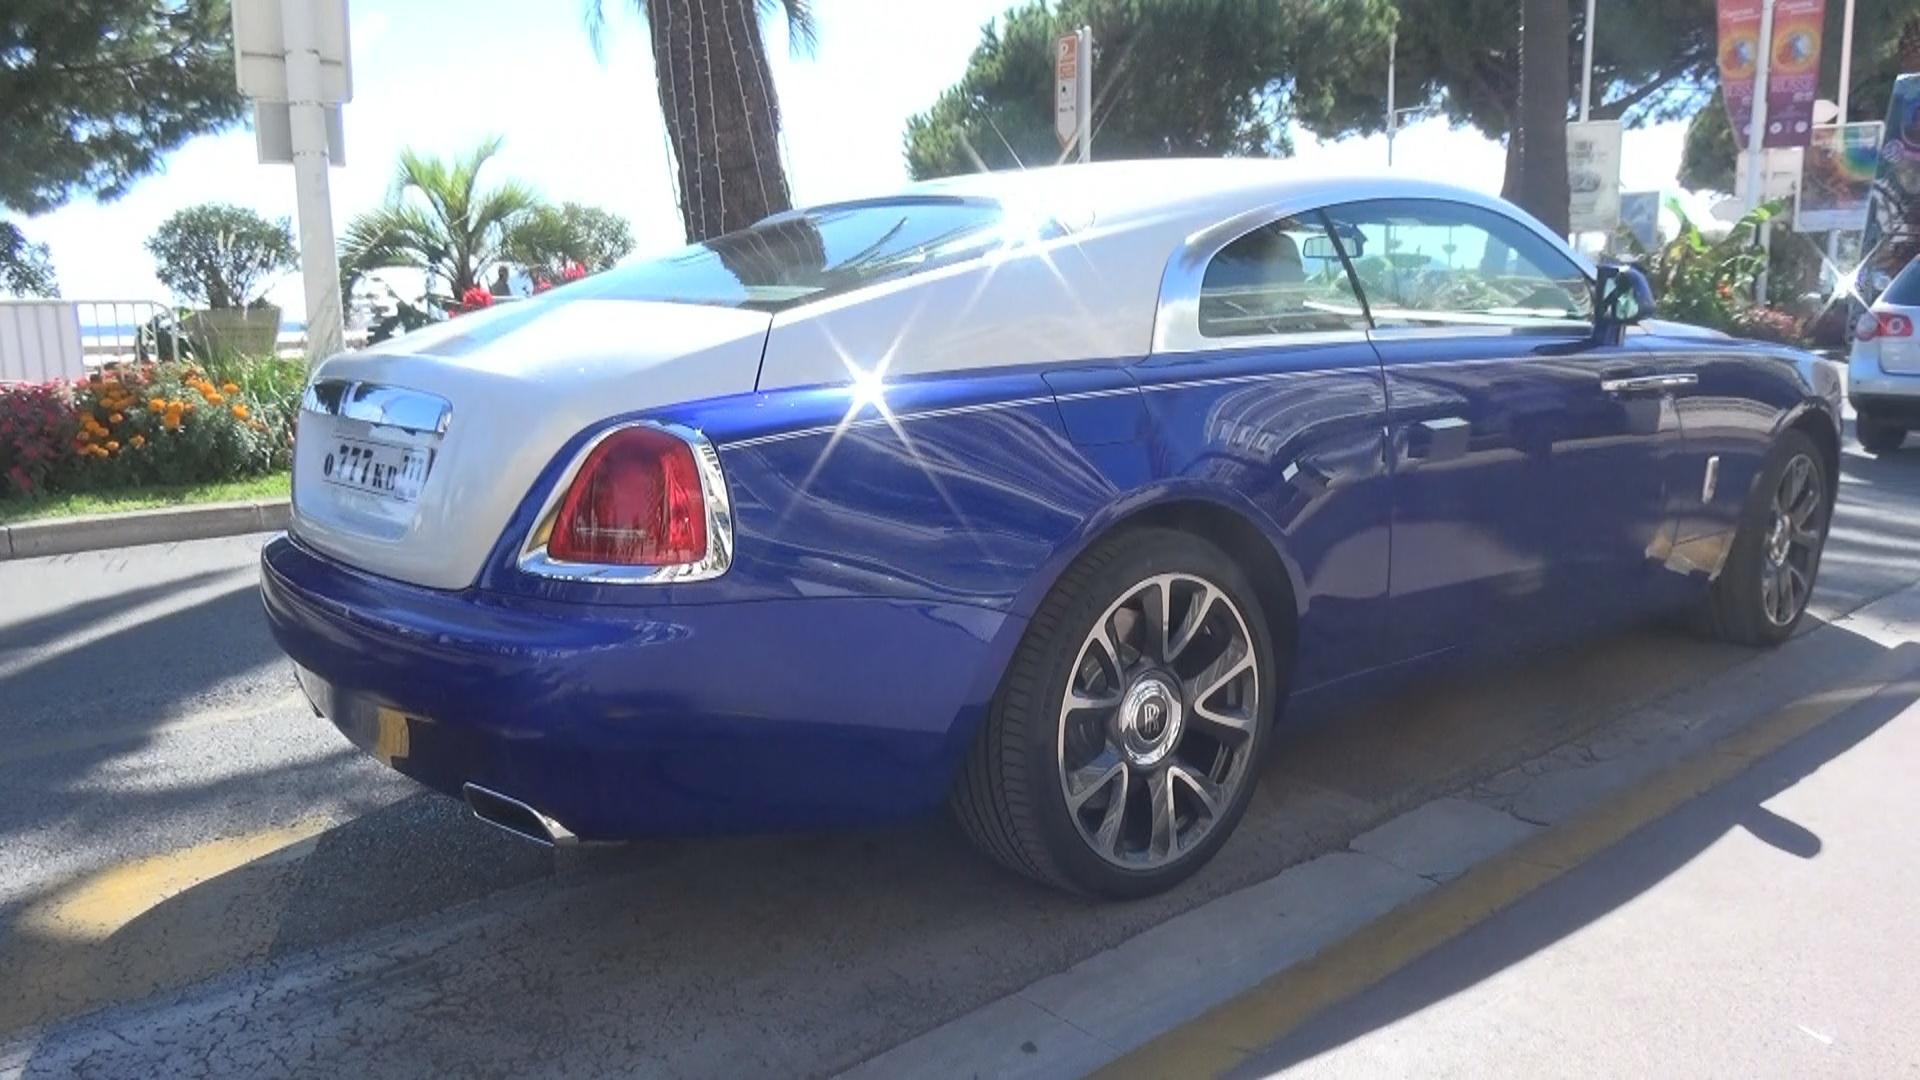 Rolls Royce Wraith - 0-777-KB-777